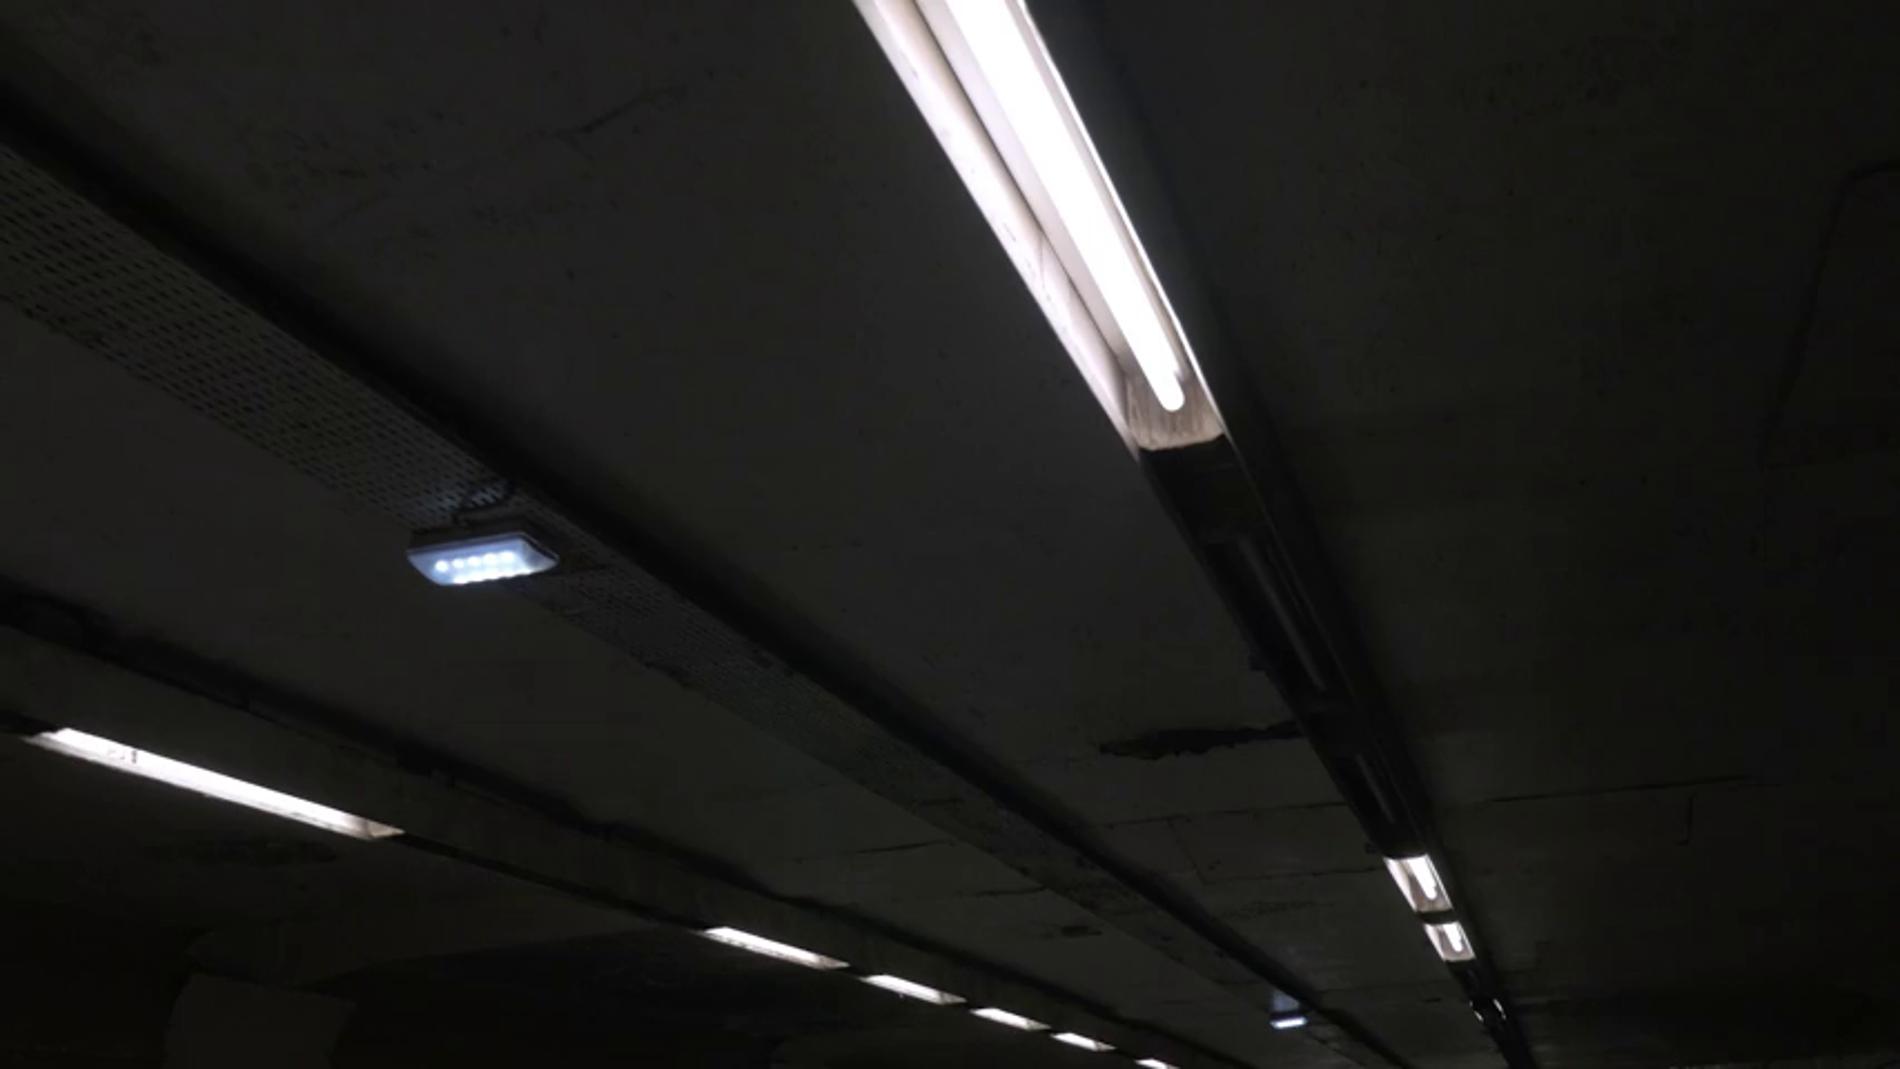 ¿Por qué debes mantenerte alejado de un tubo fluorescente si se rompe?